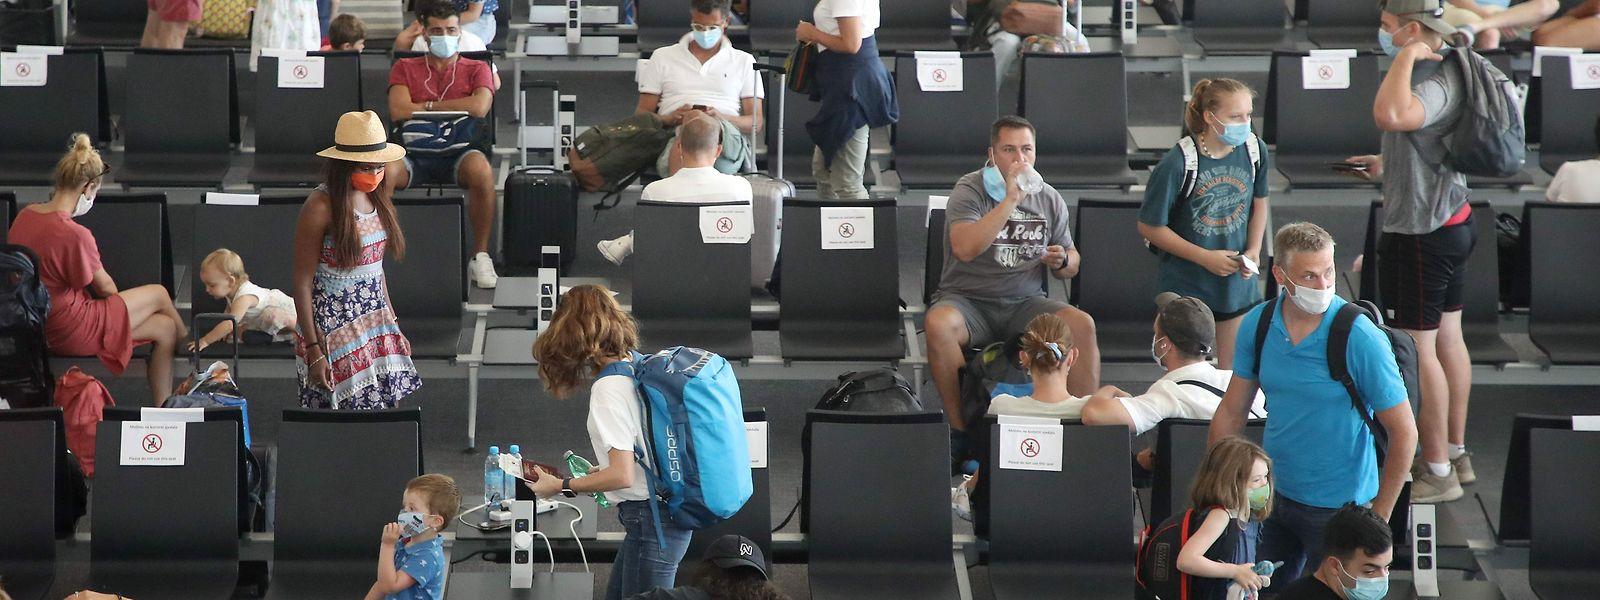 Avant de se déplacer à l'étranger, il est impératif de se renseigner quant aux mesures de restriction faites aux résidents luxembourgeois.